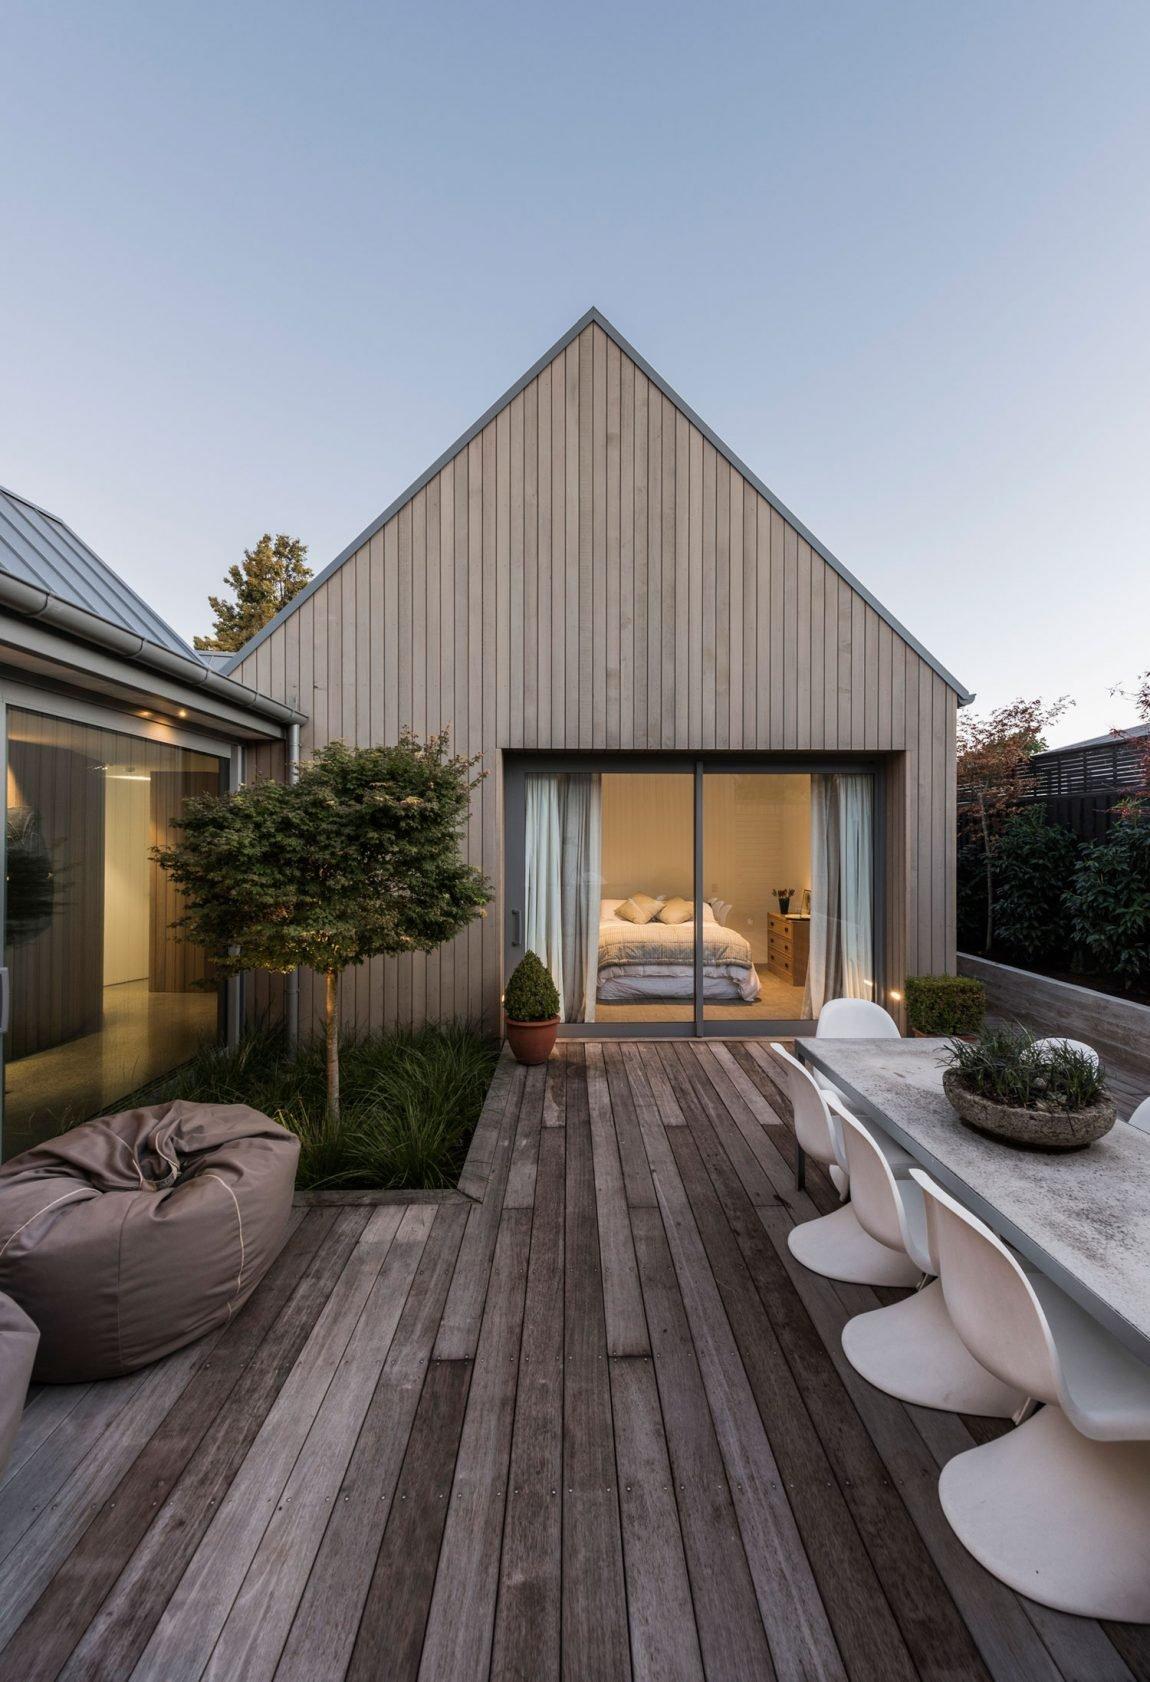 Dům, který je schopný odolat častým zemětřesením a mnohdy nepříznivým podmínkám, nebylo lehké vymyslet. Architekti se rozhodli použít jen úzké spektrum materiálů a pomocí jednoduchých čar a linií vytvořit venkovskou budovu 21. století. Jaká kritéria musí taková budova splňovat?